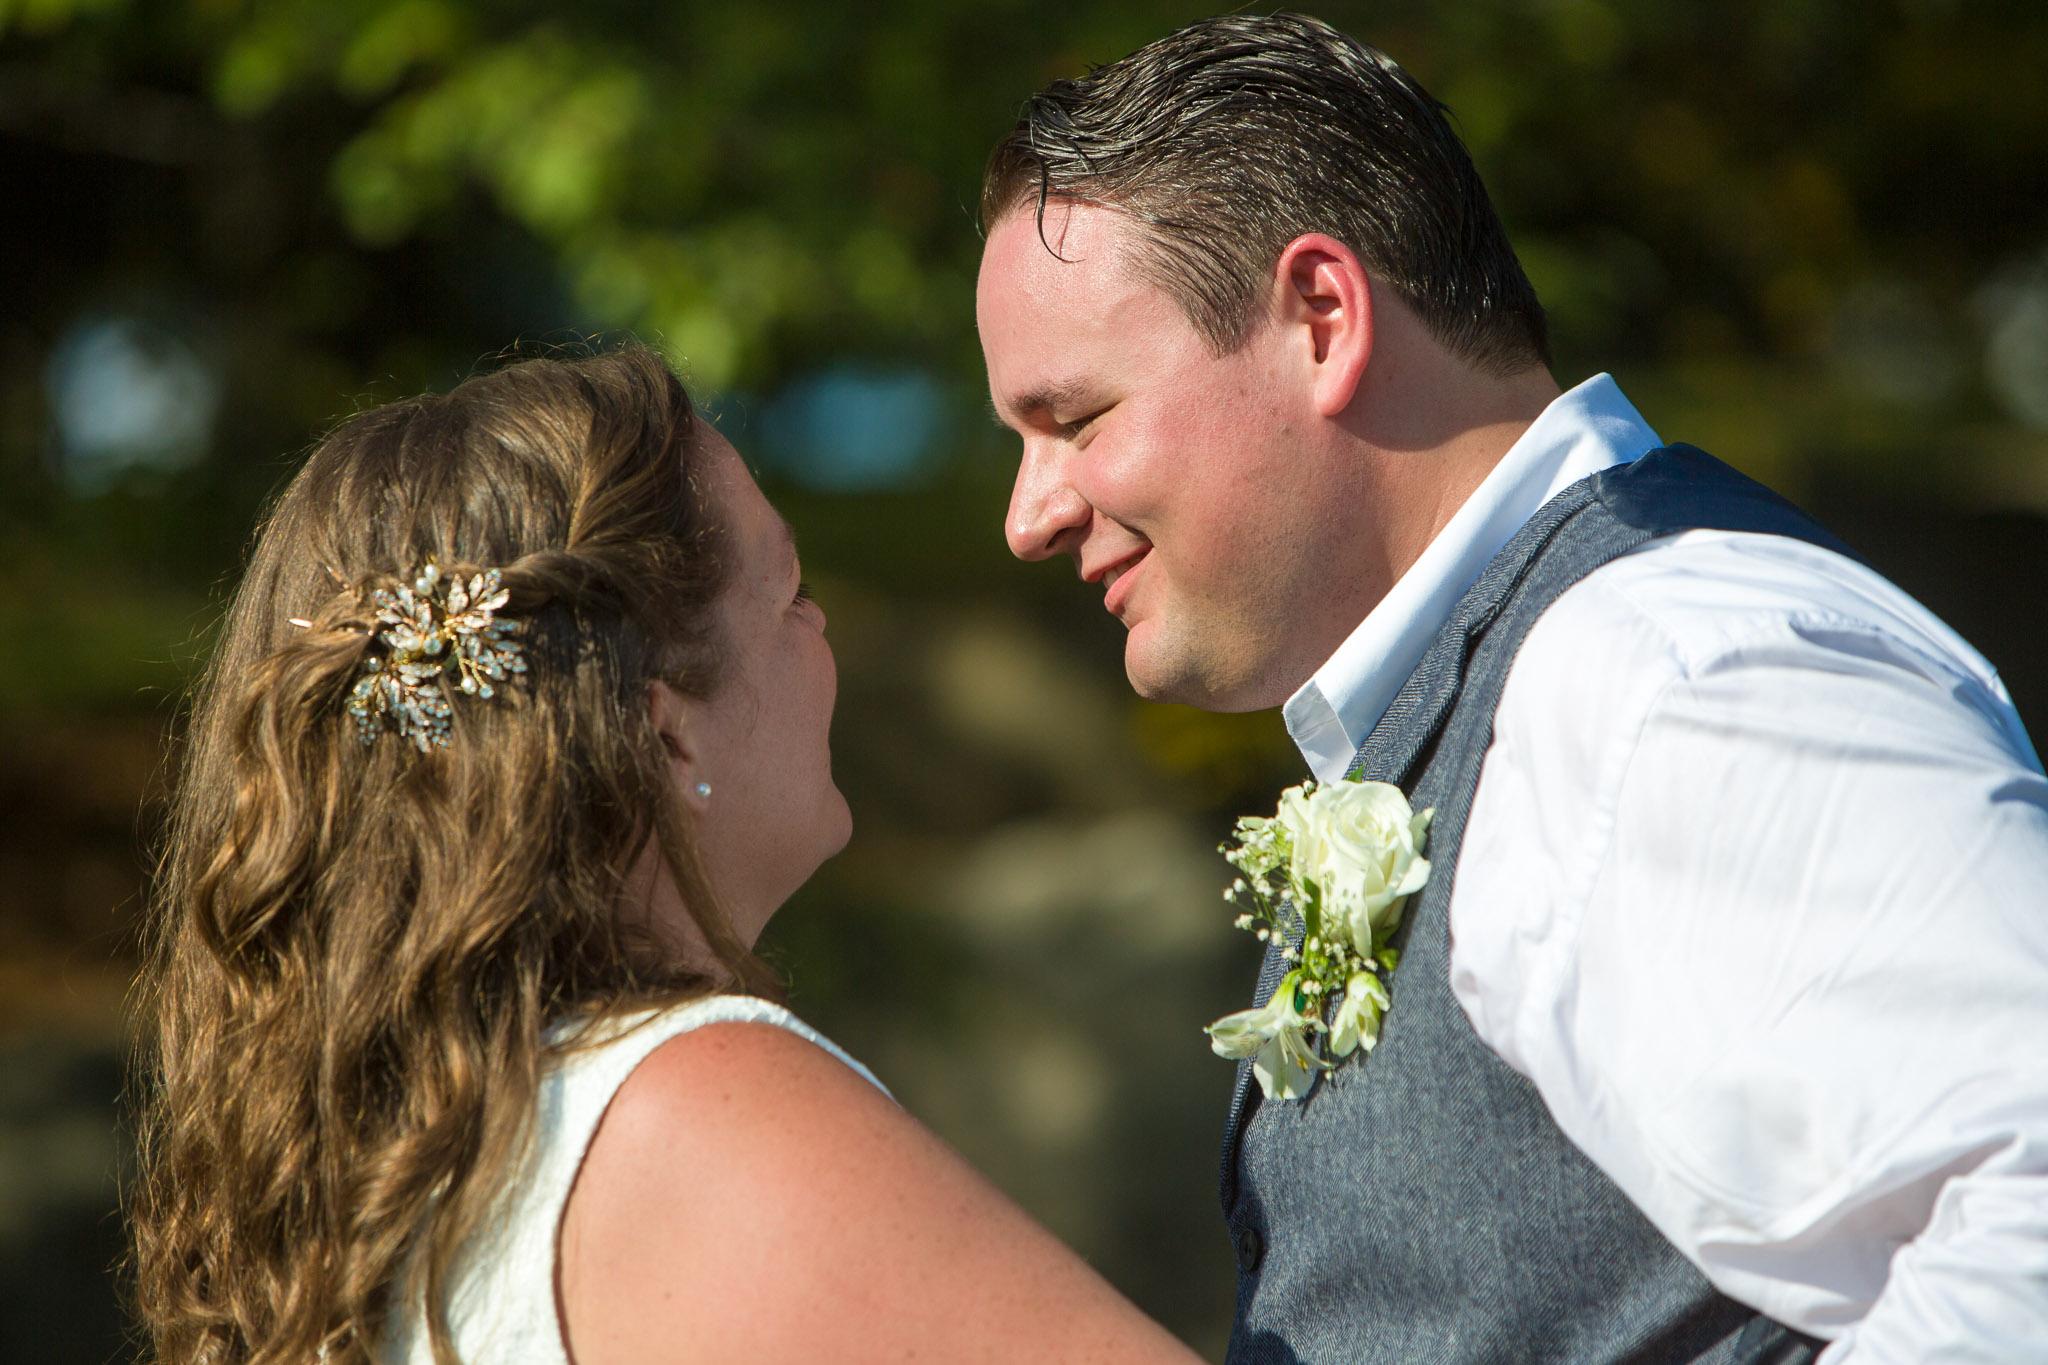 katy-aleks-wedding-shayne-gray-9481.jpg